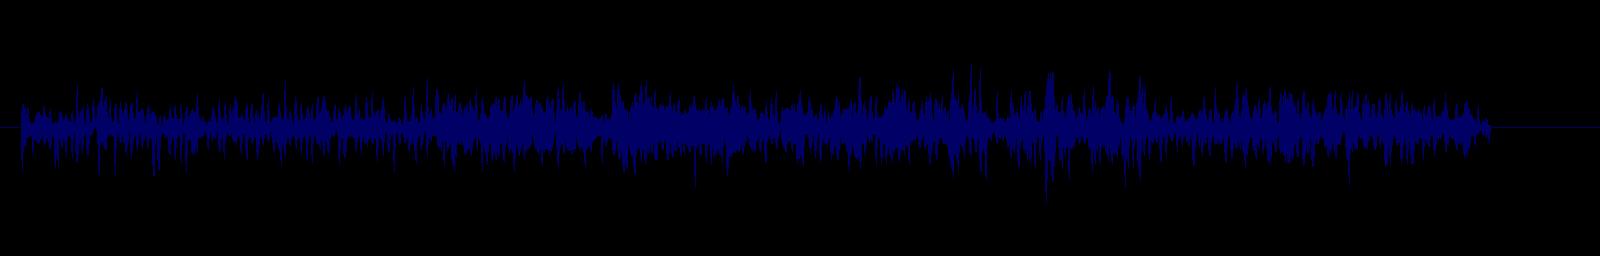 waveform of track #106430